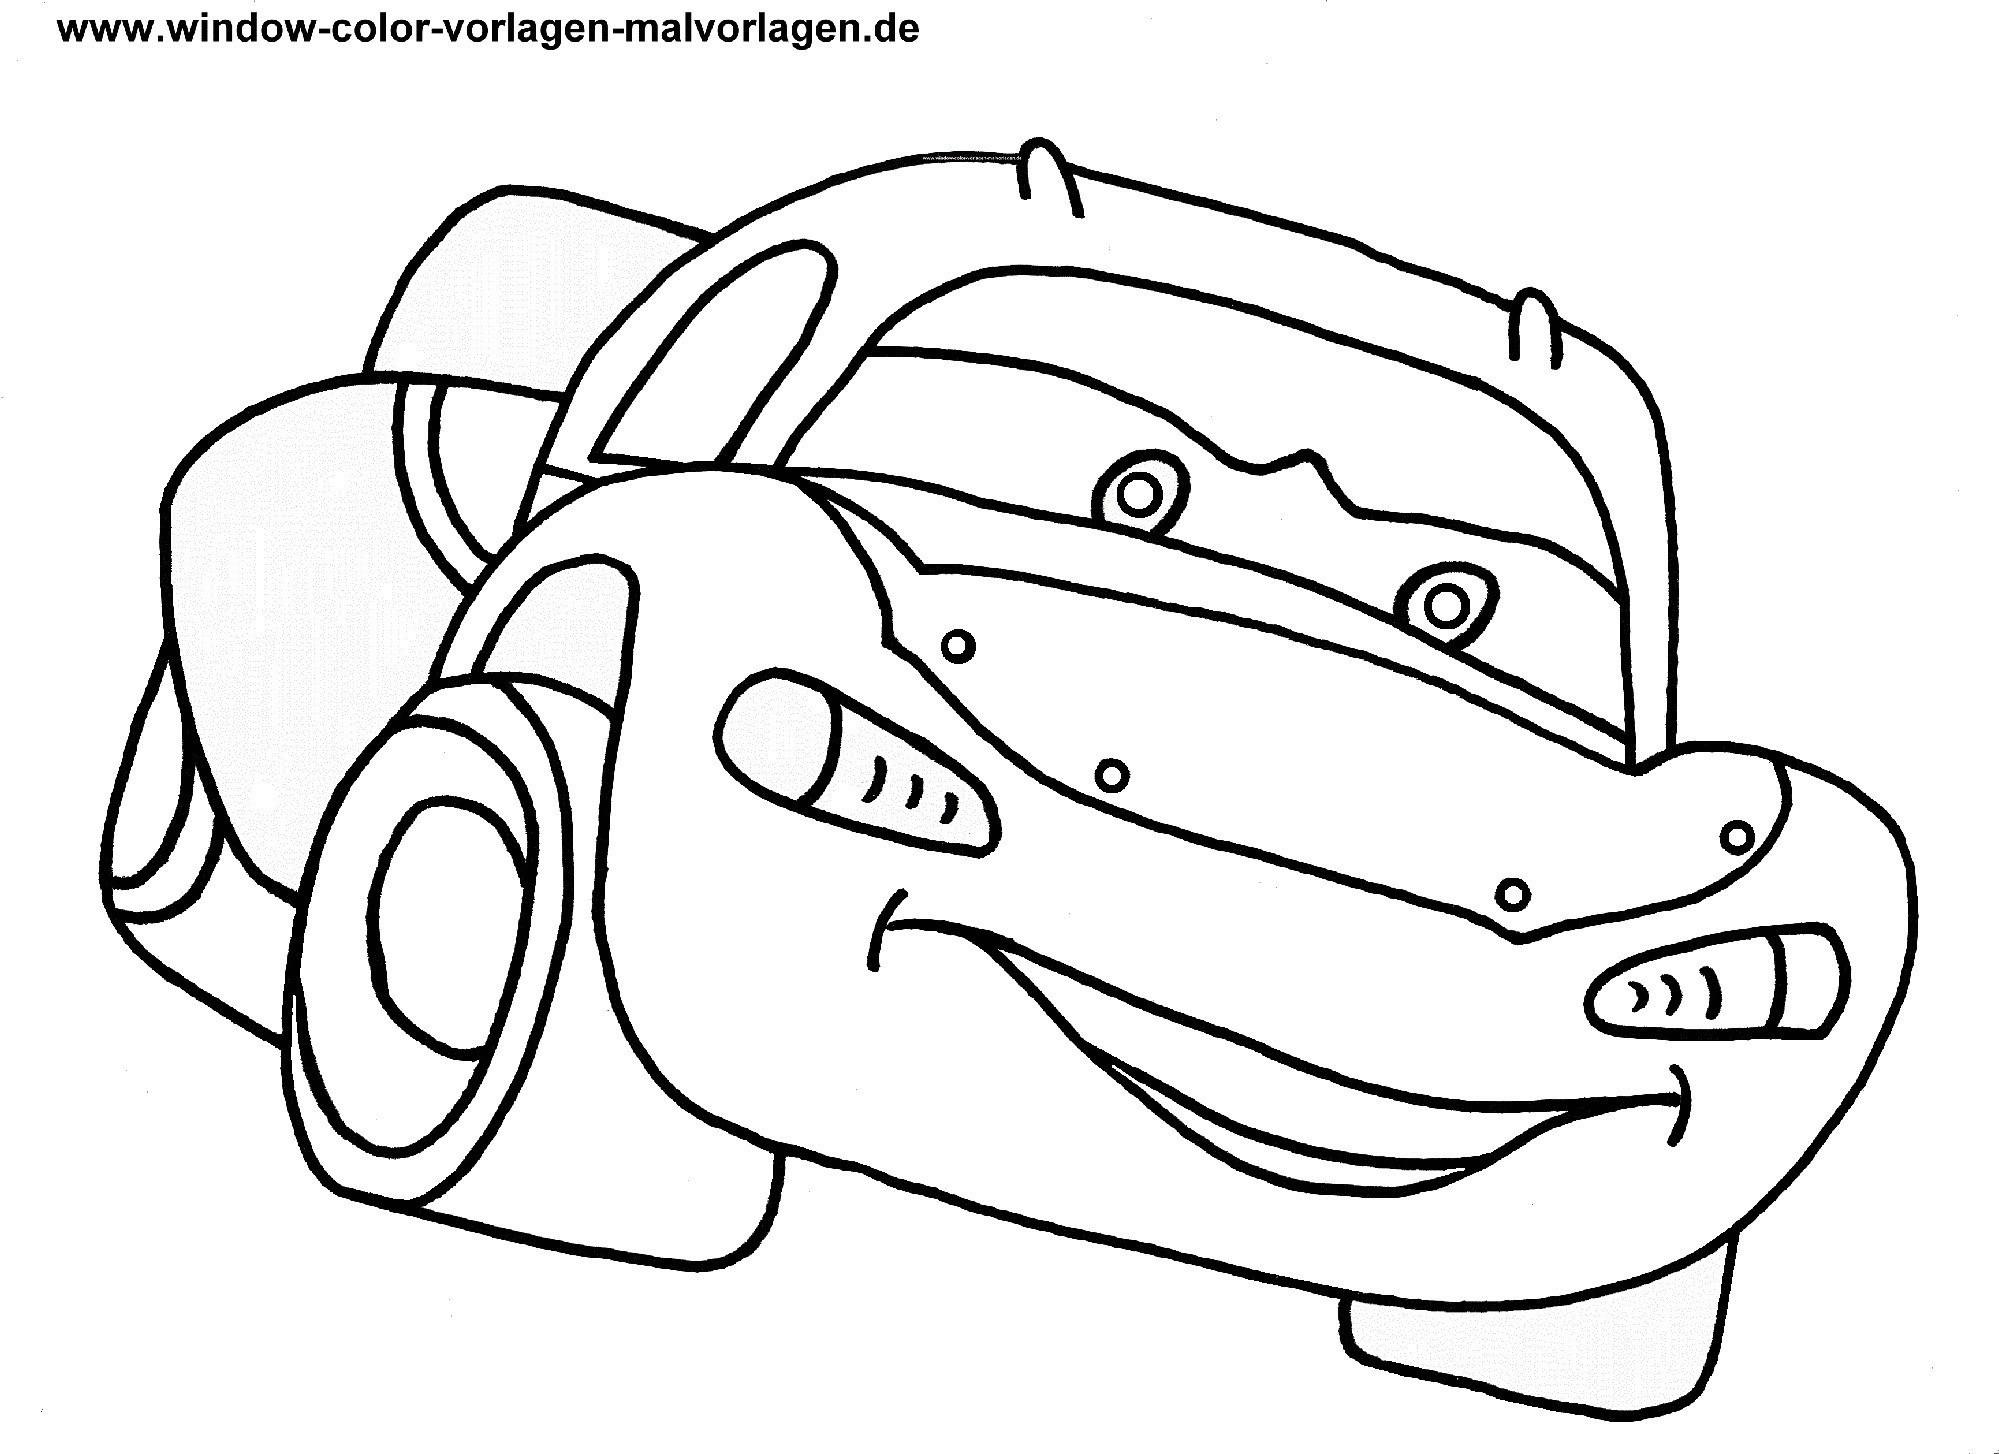 Auto Ausmalbilder Zum Ausdrucken Inspirierend Ausmalbilder Zum Ausdrucken Autos Lovely 25 Liebenswert Ausmalbilder Das Bild